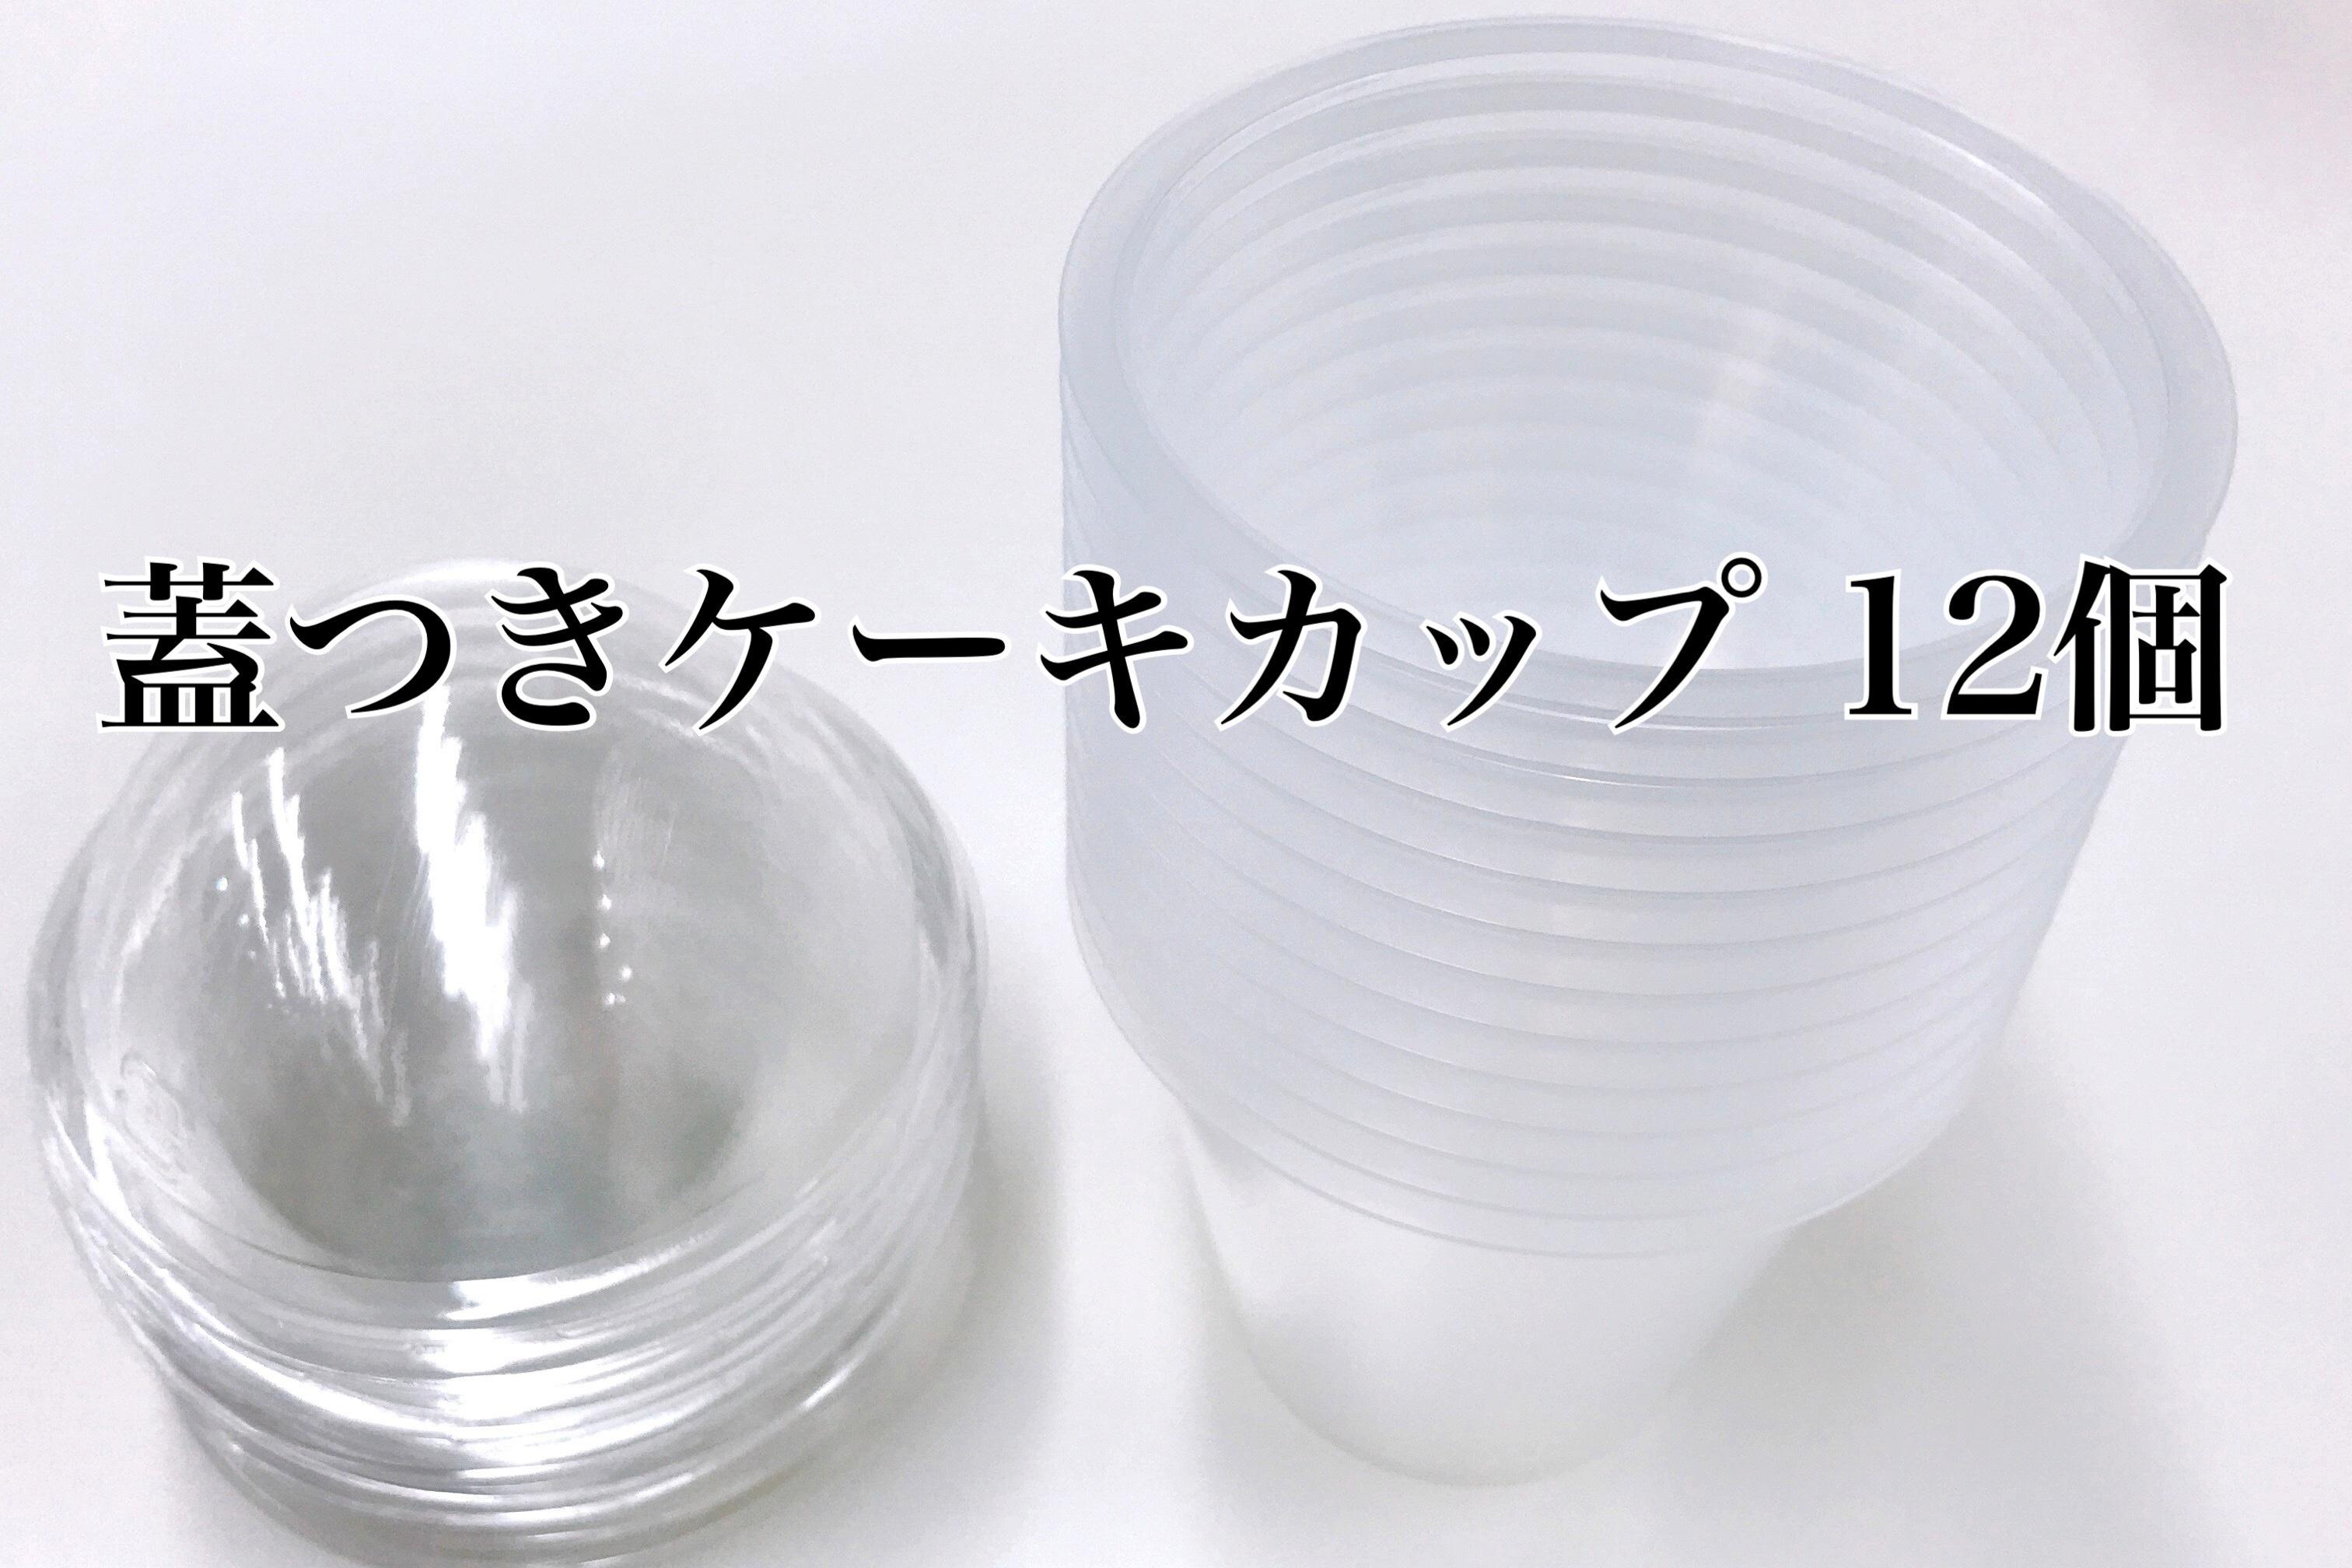 蓋つきケーキカップ 12個